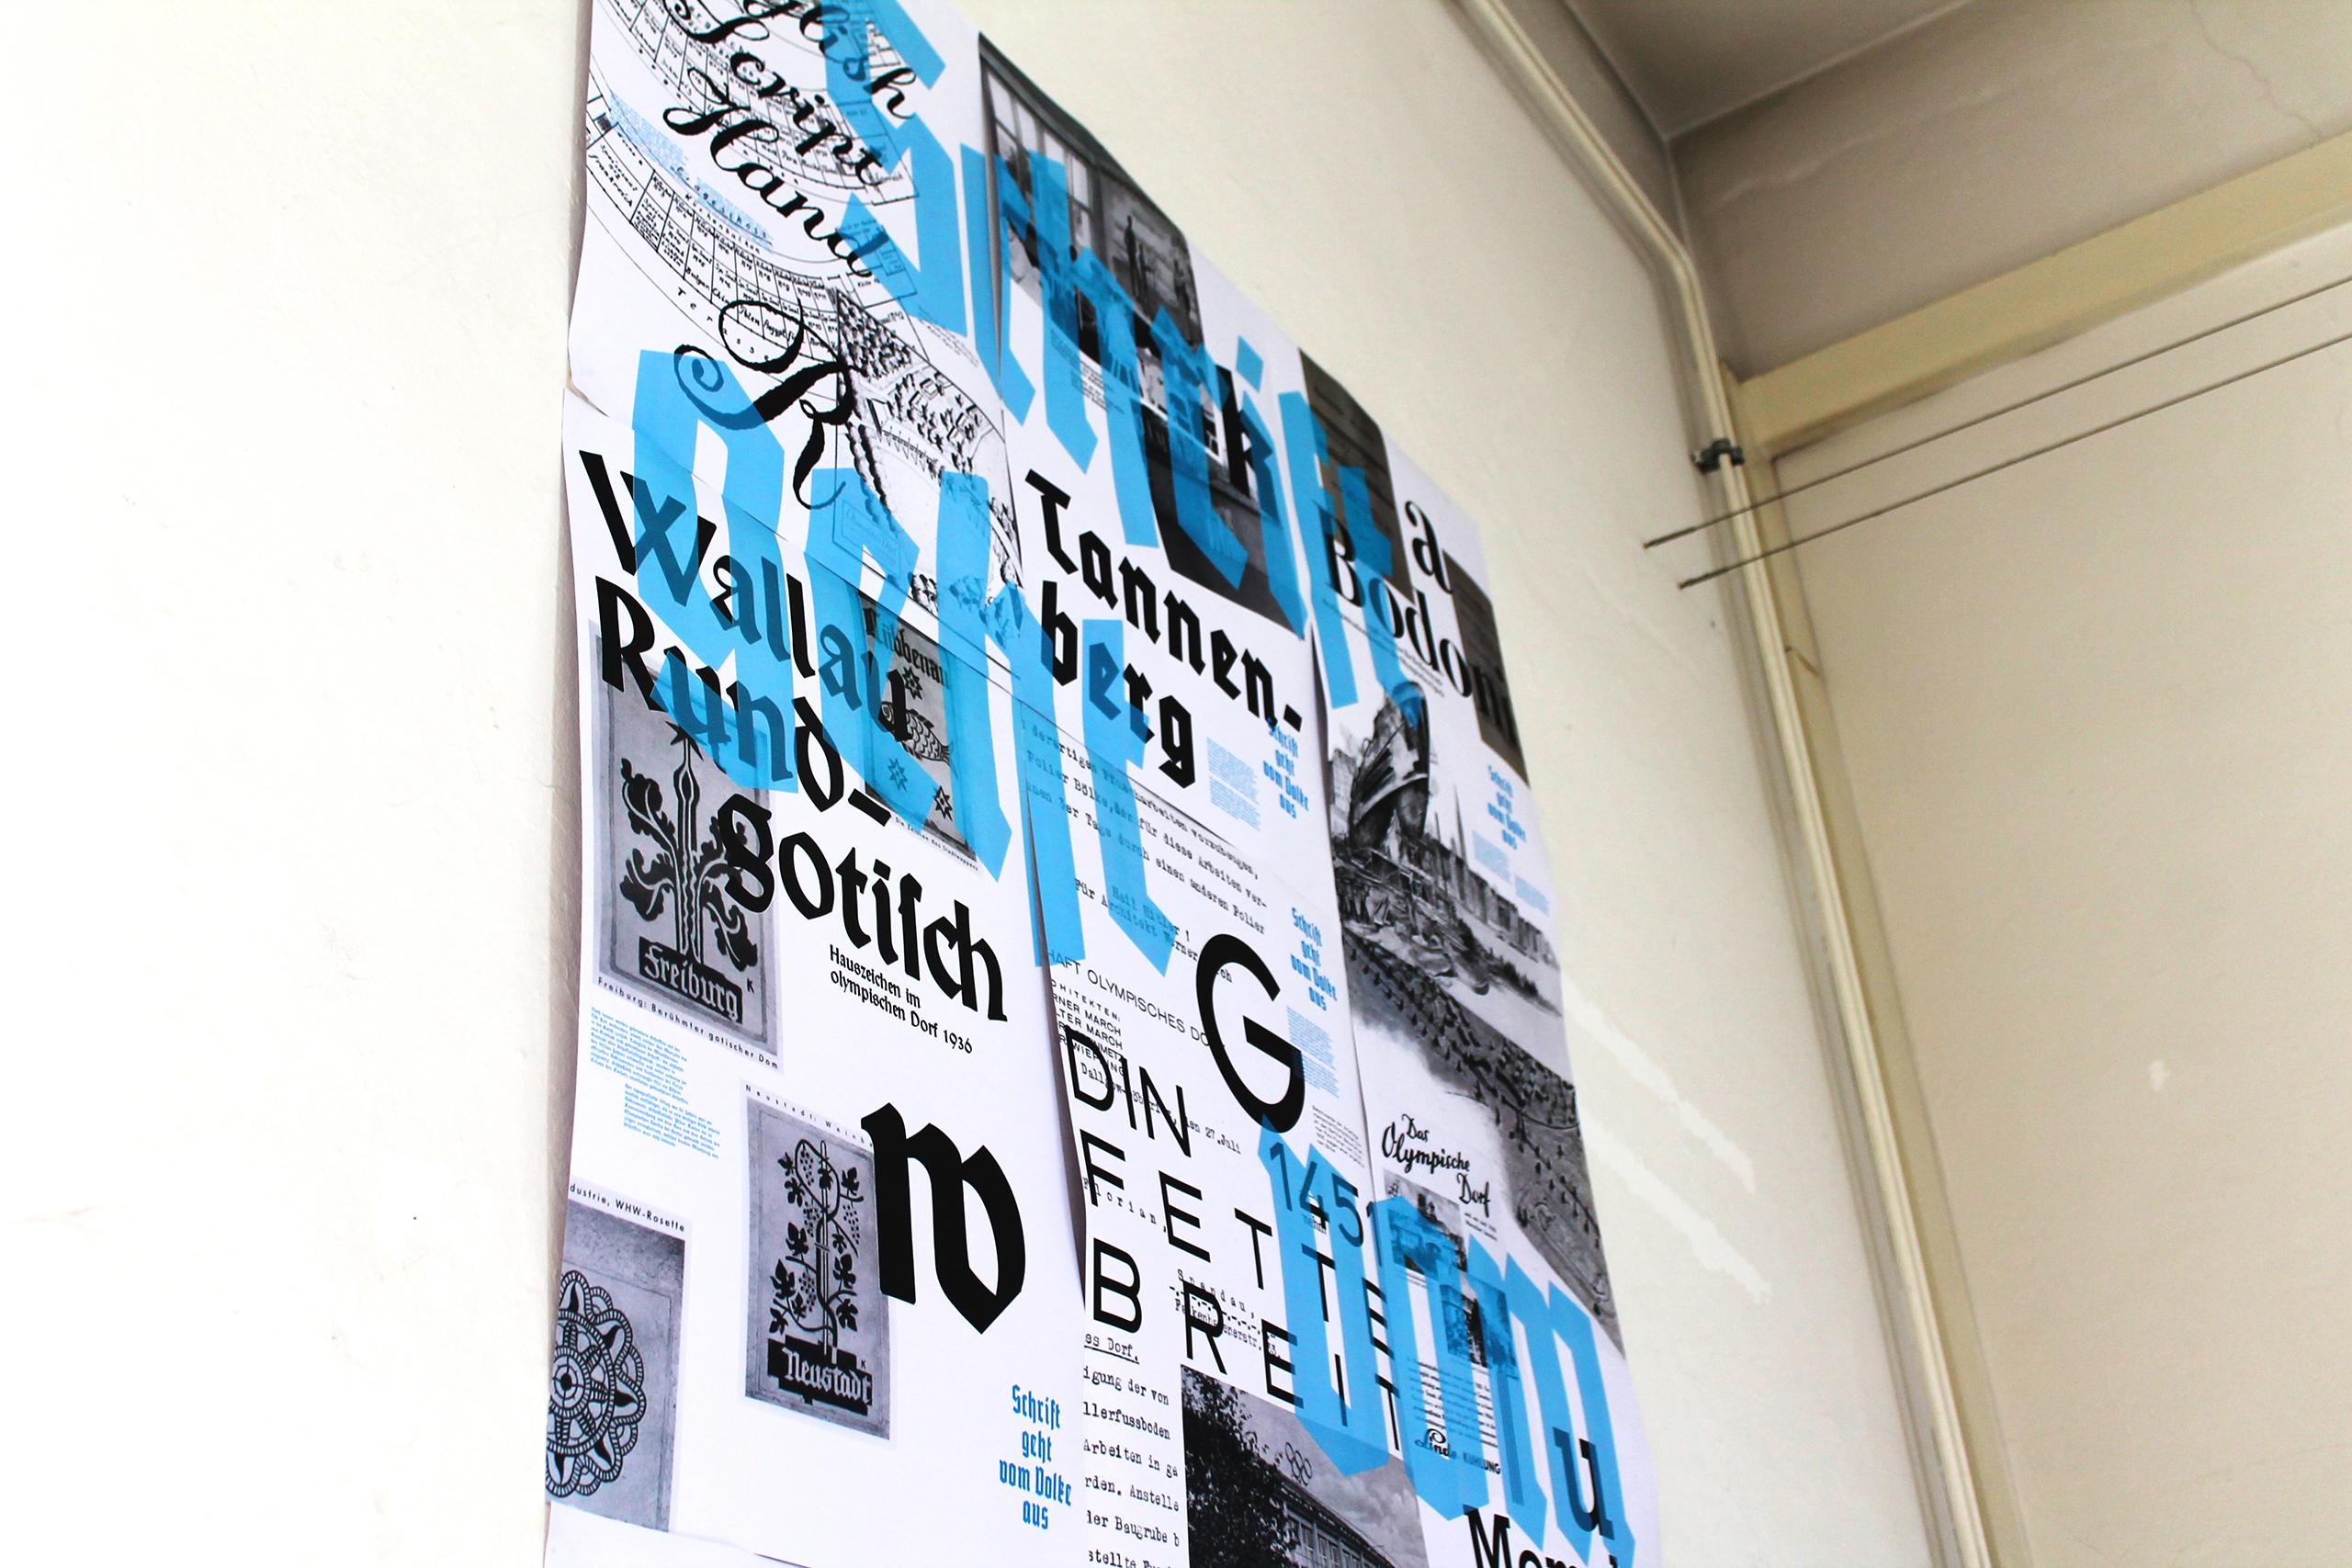 Poster Plakatgestaltung Schrift geht vom Volke aus Poster Plakat 2. Weltkrieg Schriften in Verwendung Blackletter Gebrocheneschrift